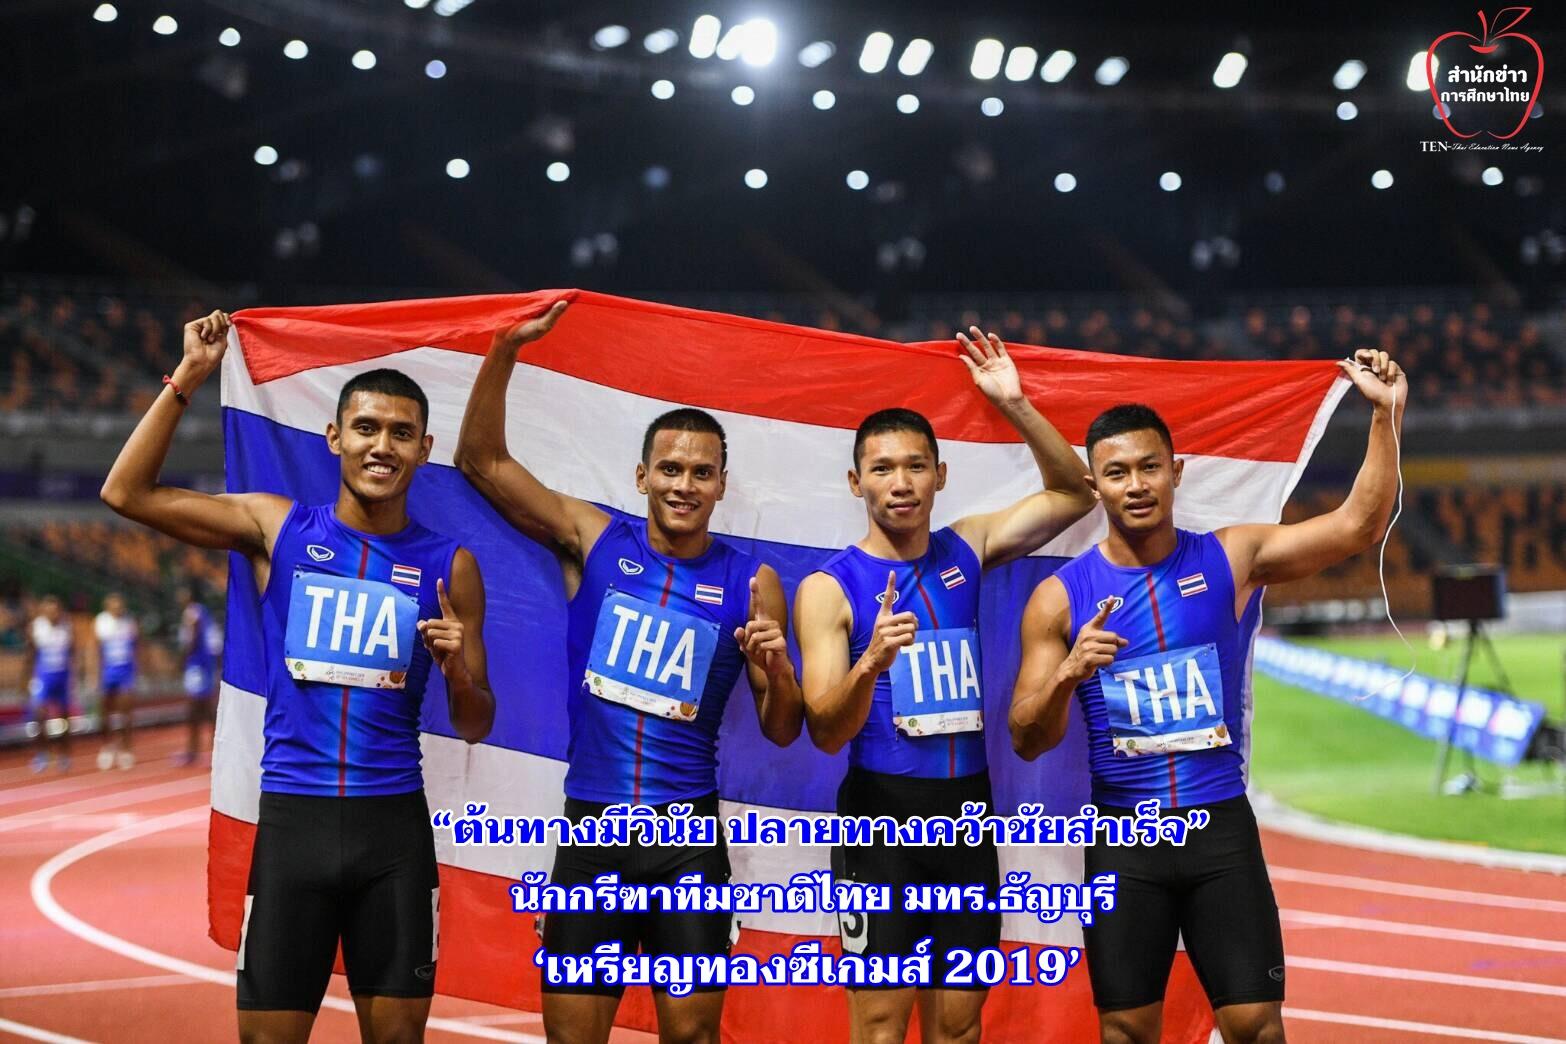 """""""ต้นทางมีวินัย ปลายทางคว้าชัยสำเร็จ""""  นักกรีฑาทีมชาติไทย มทร.ธัญบุรี'เหรียญทองซีเกมส์ 2019'"""